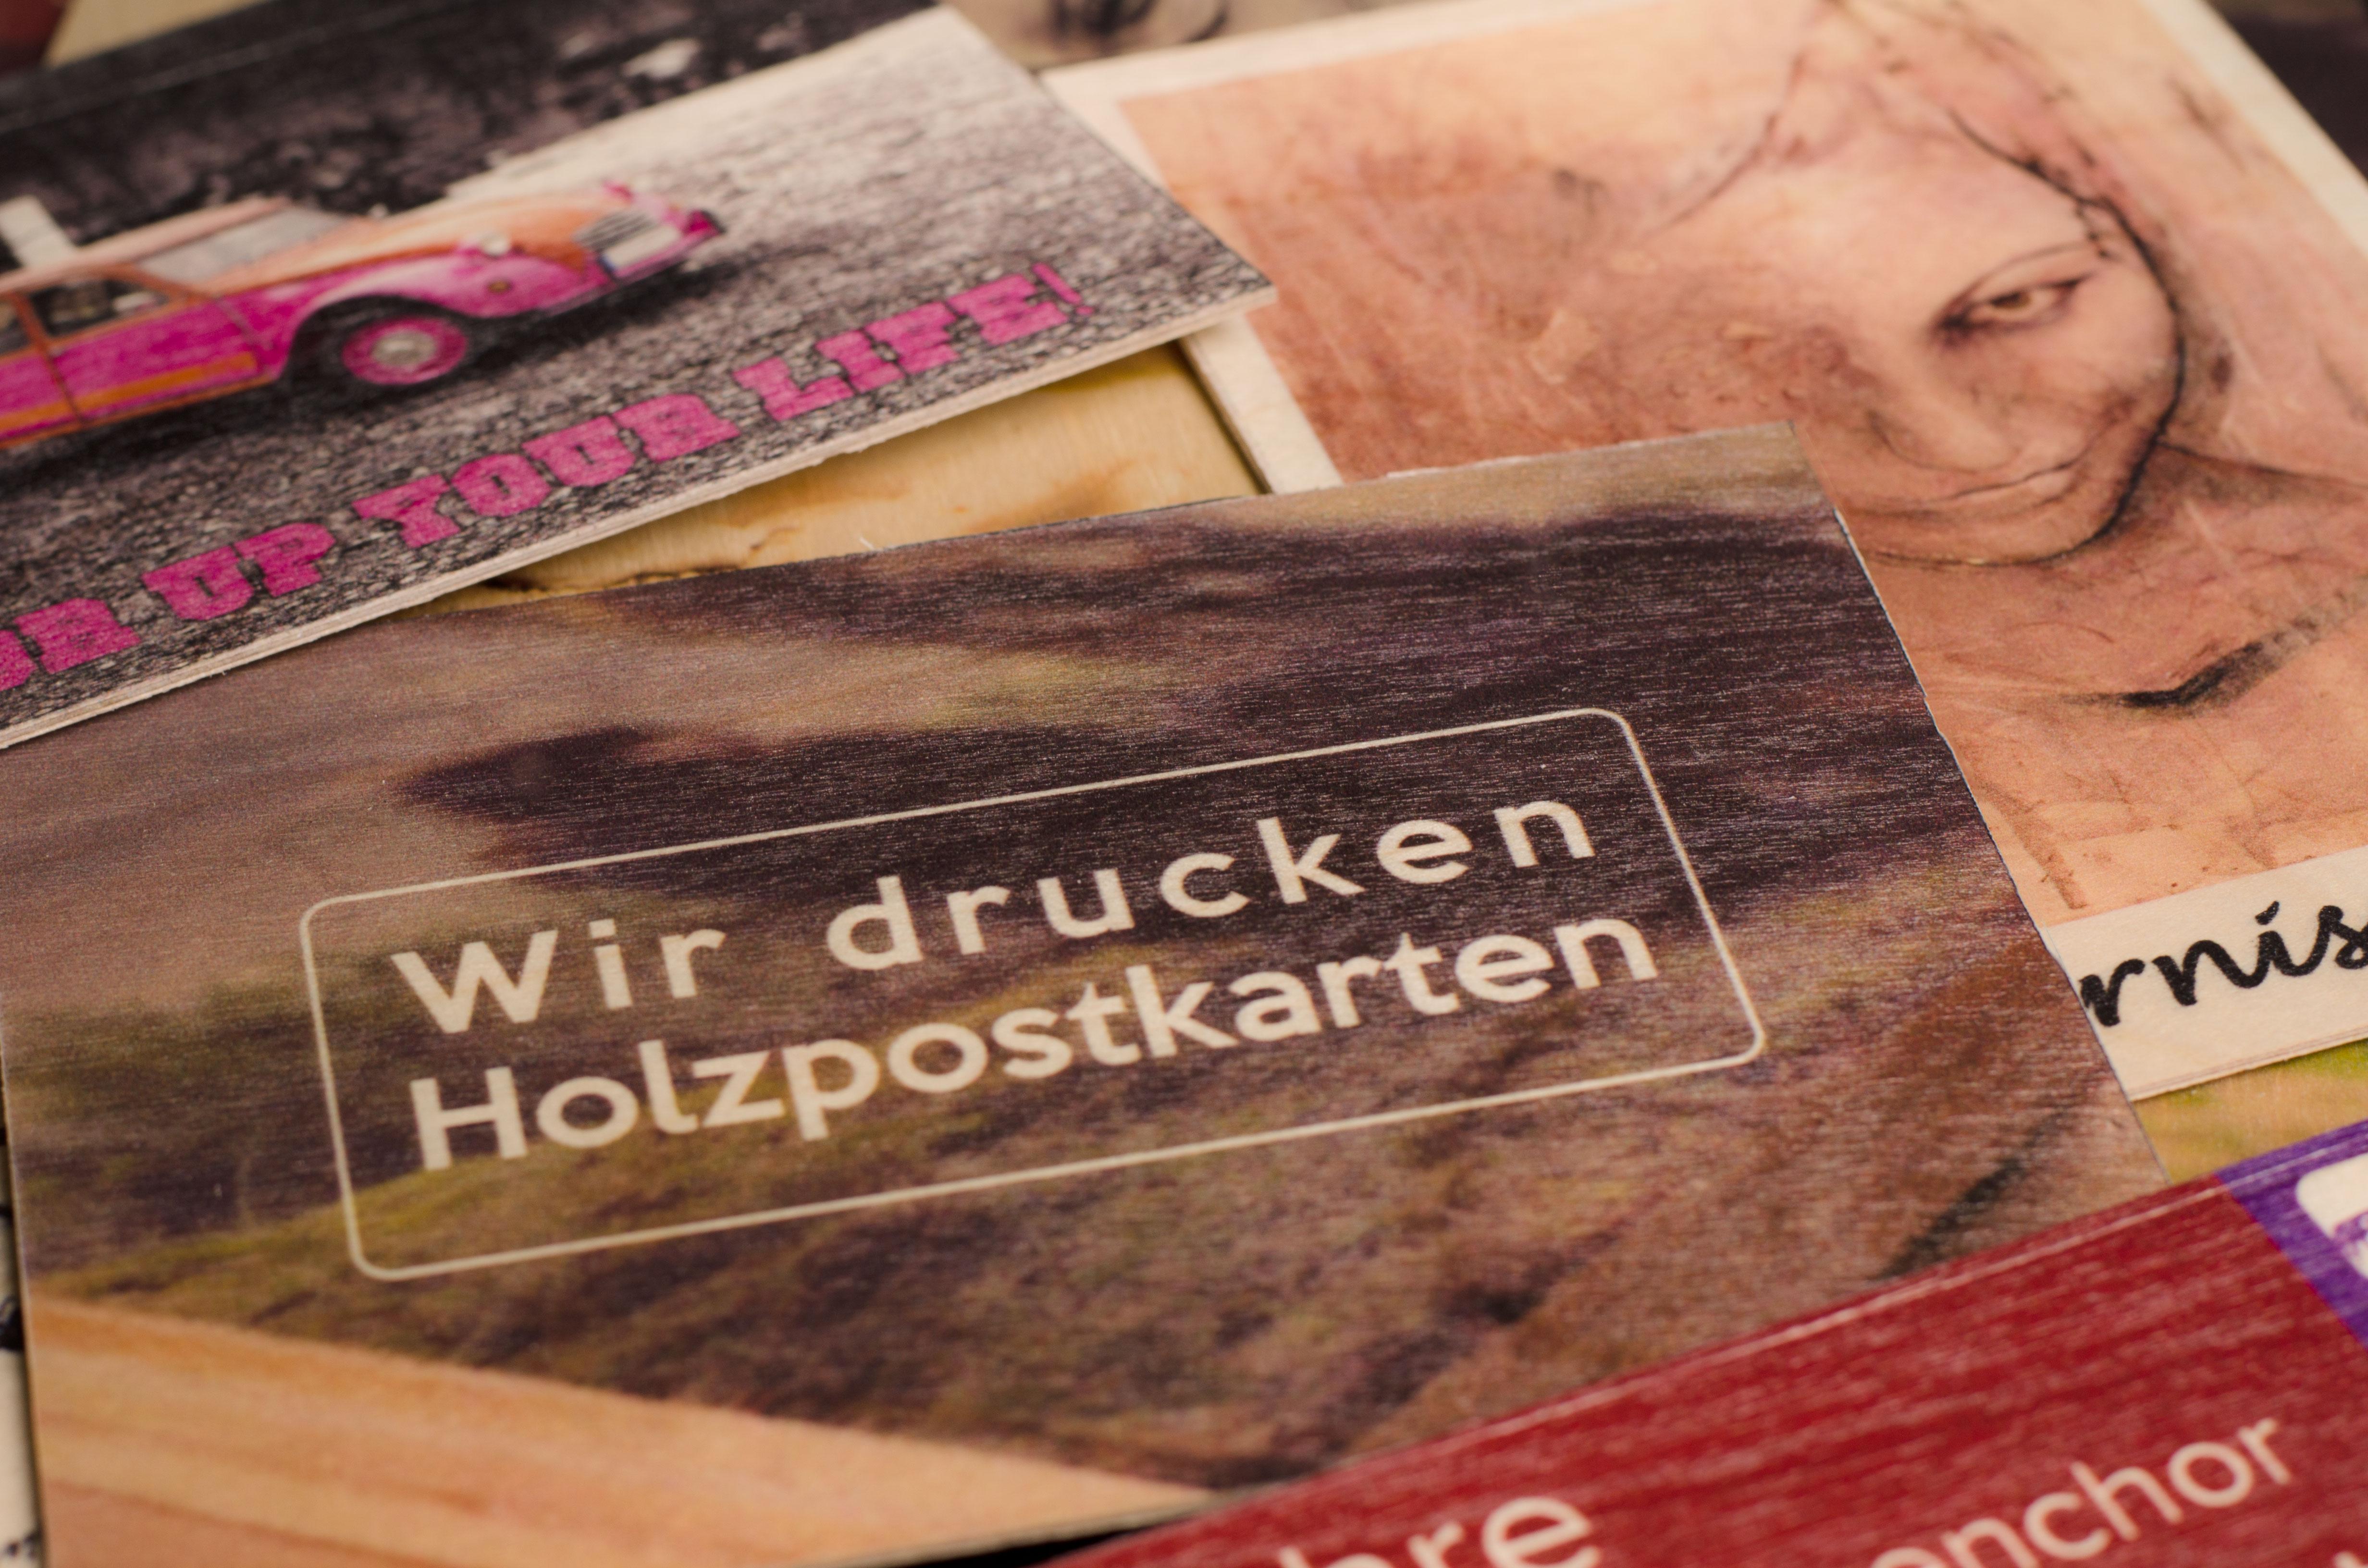 Druck auf Holz Individuelle Postkarten aus Holz